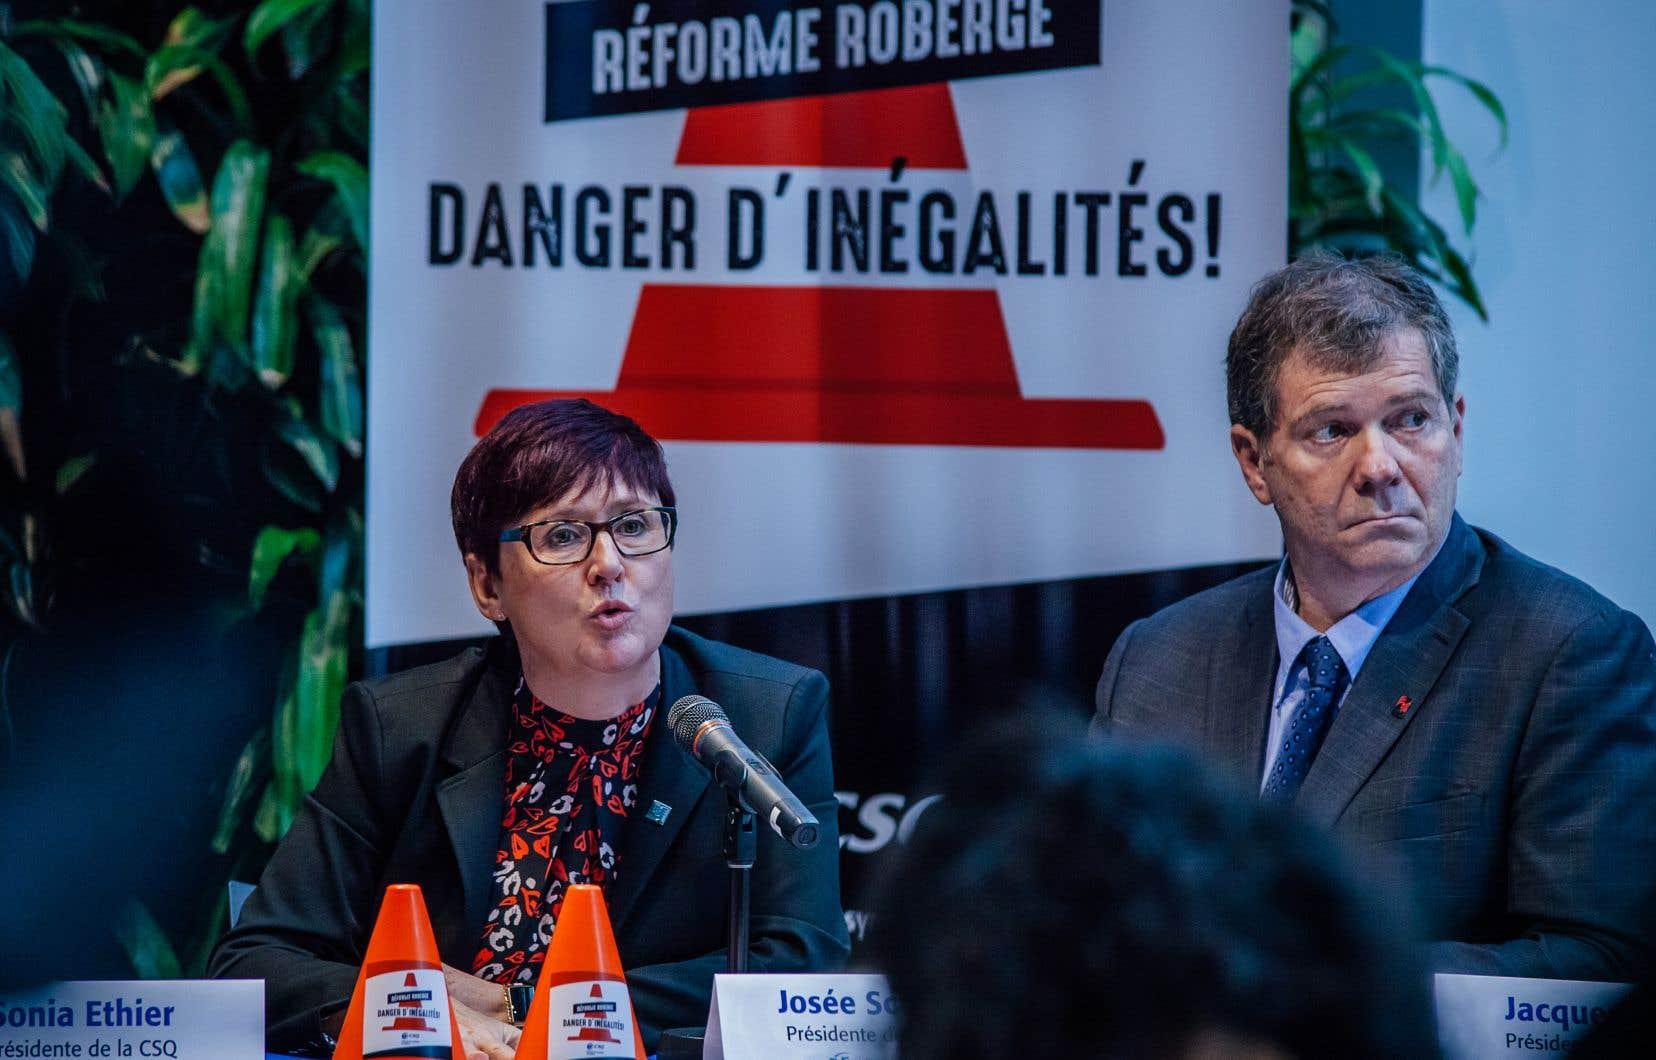 Présidente de la Fédération des syndicats de l'enseignement, Josée Scalabrini (à gauche) a évoqué l'influence qu'auront les parents sur les méthodes pédagogiques, qui menaçerait du même coup l'autonomie professionnelle des enseignants, ainsi que l'avènement d'un système à 3 vitesses.